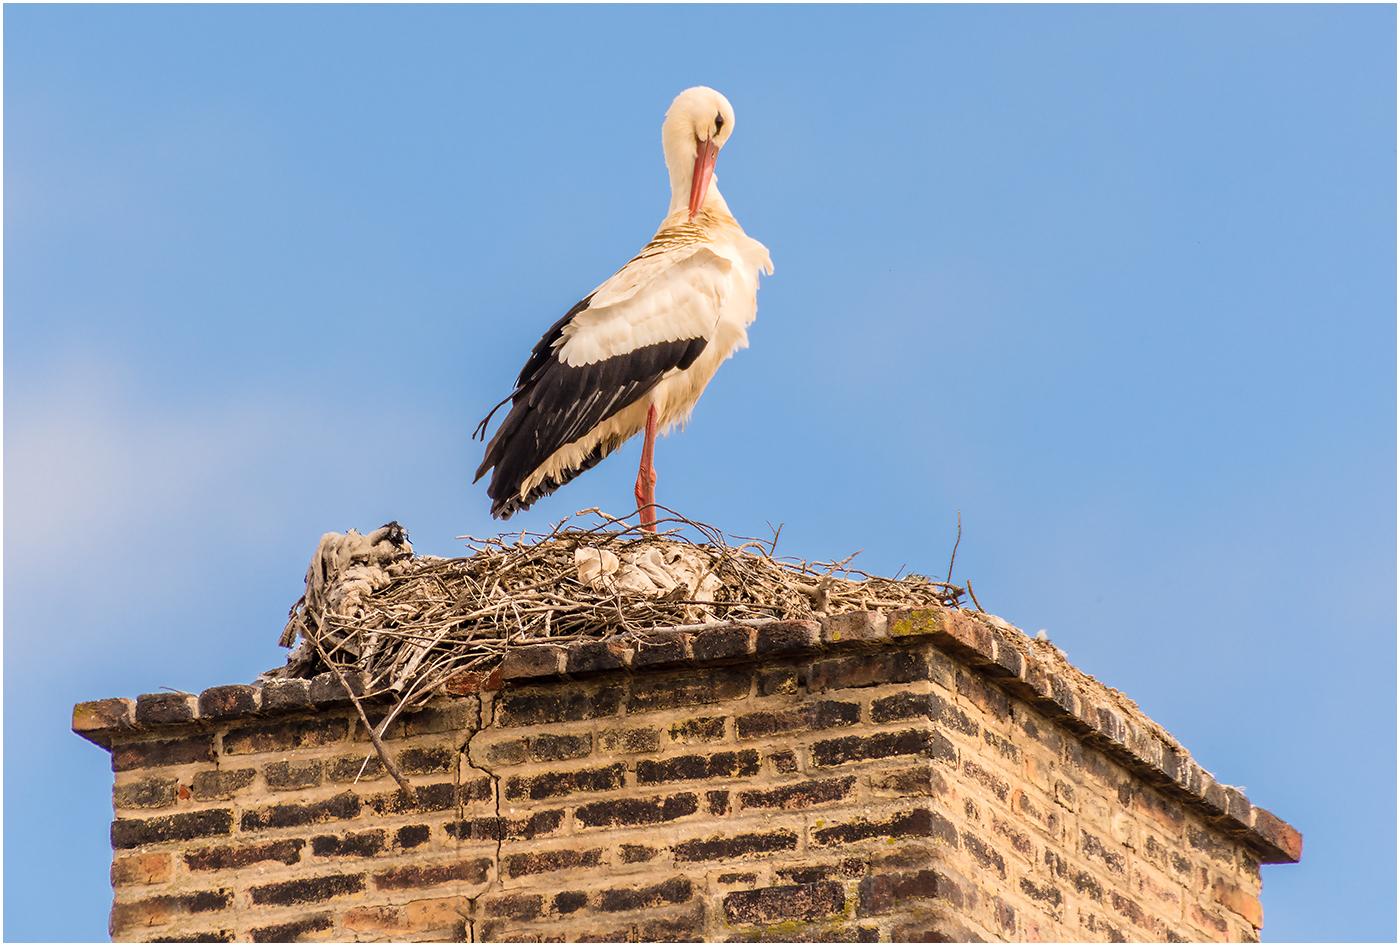 Preening White Stork 52